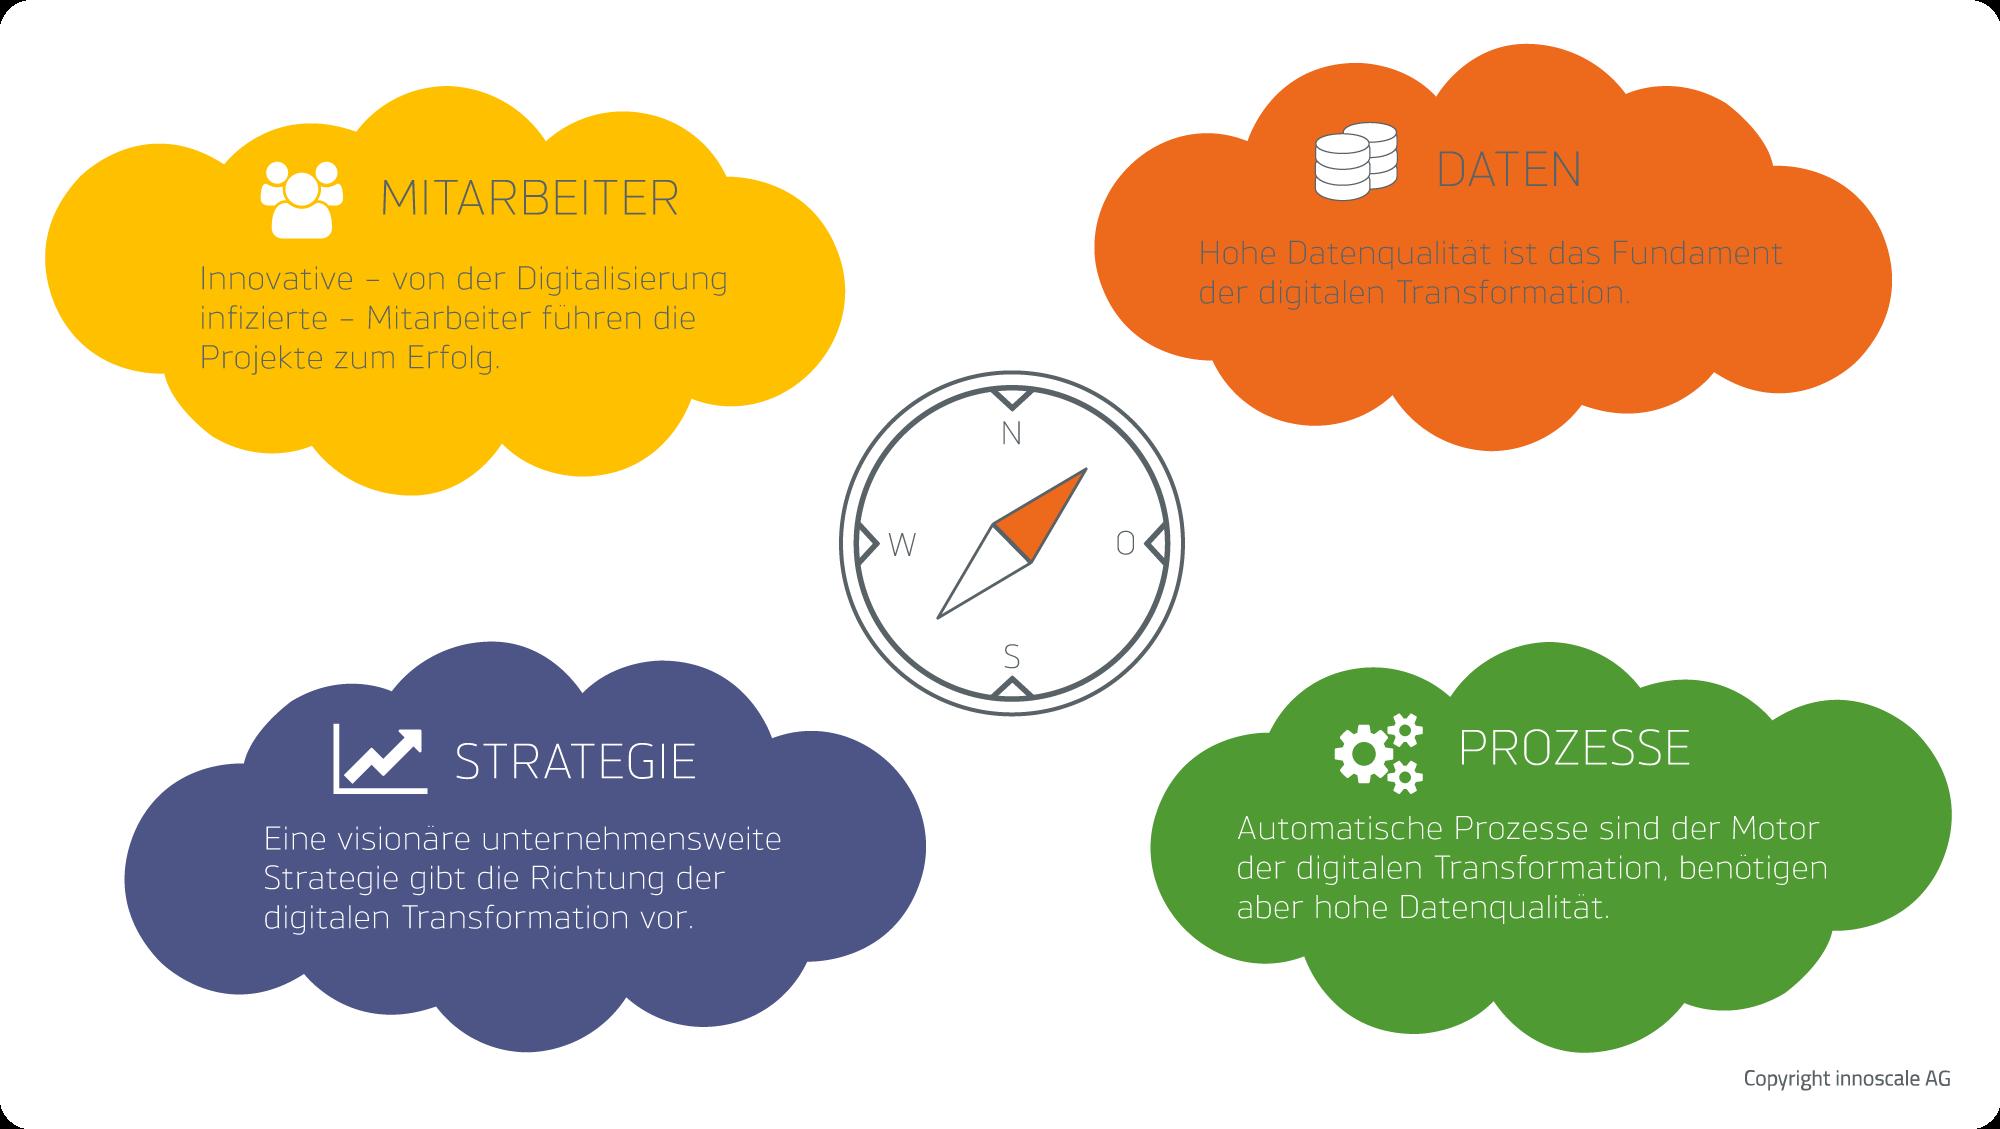 Digitale Transformation und Daten